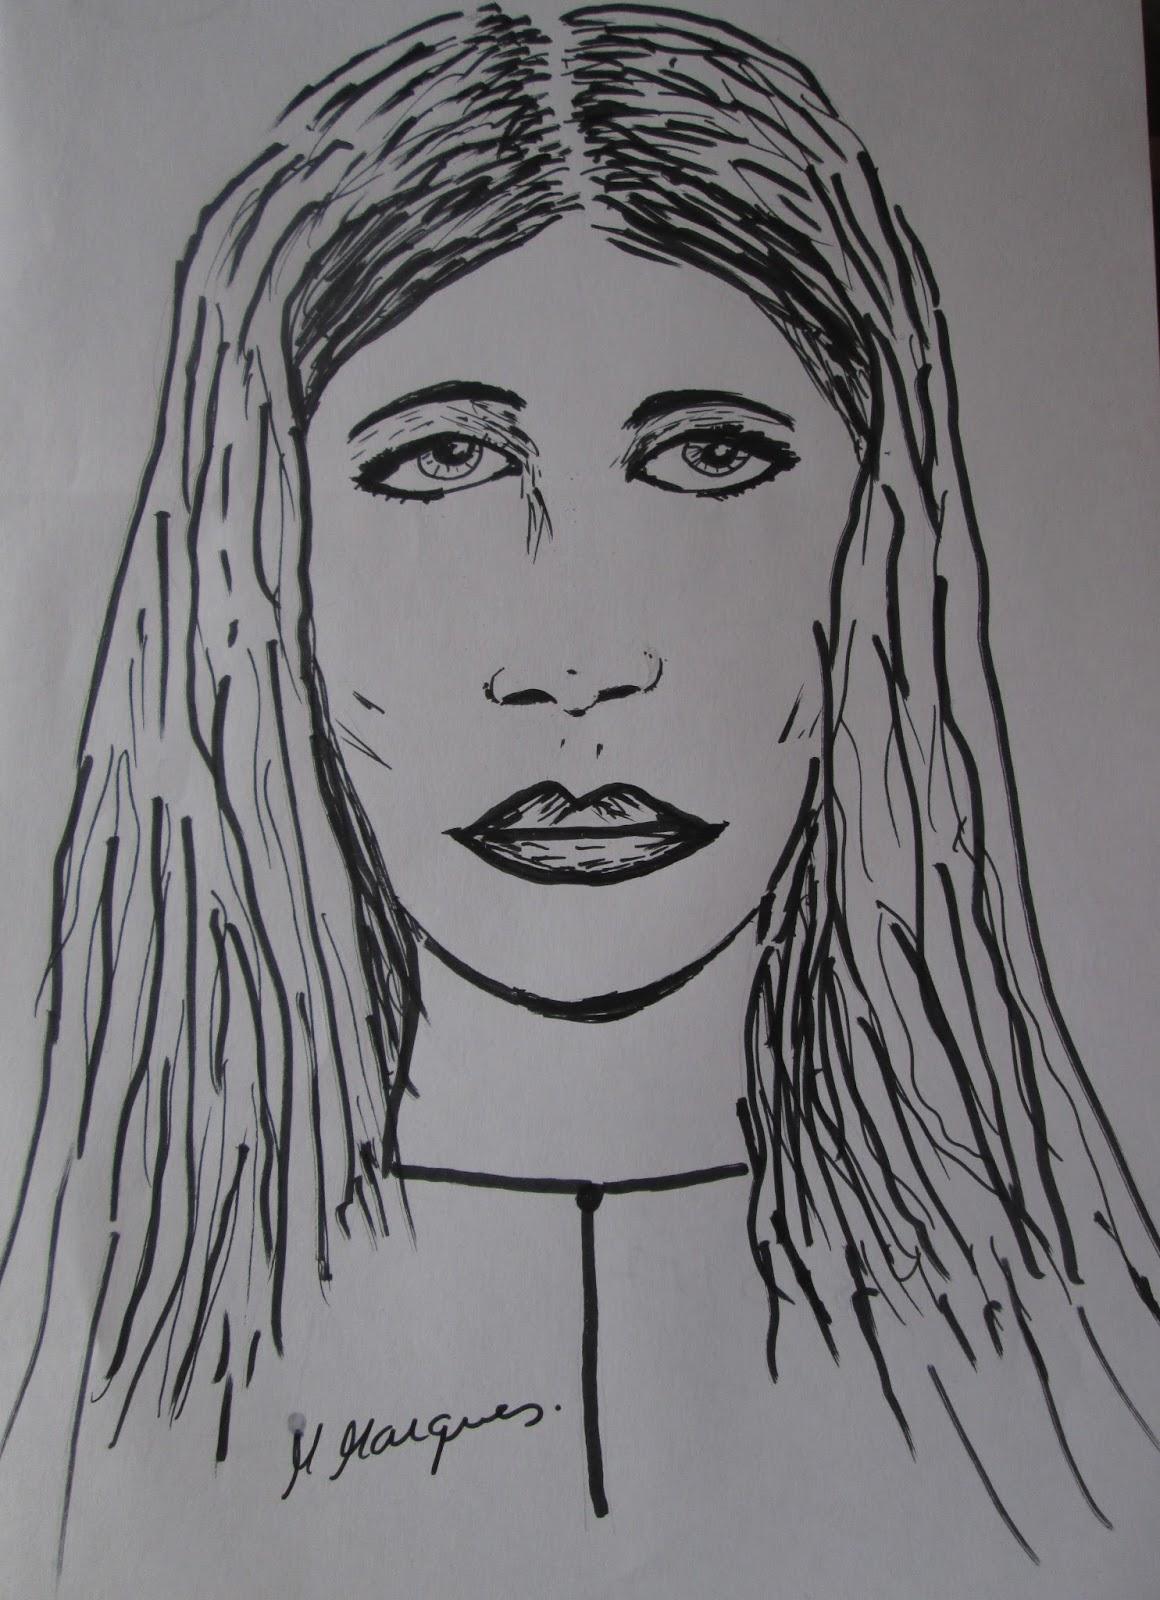 Mmarques Desenho Rosto Mulher Frente